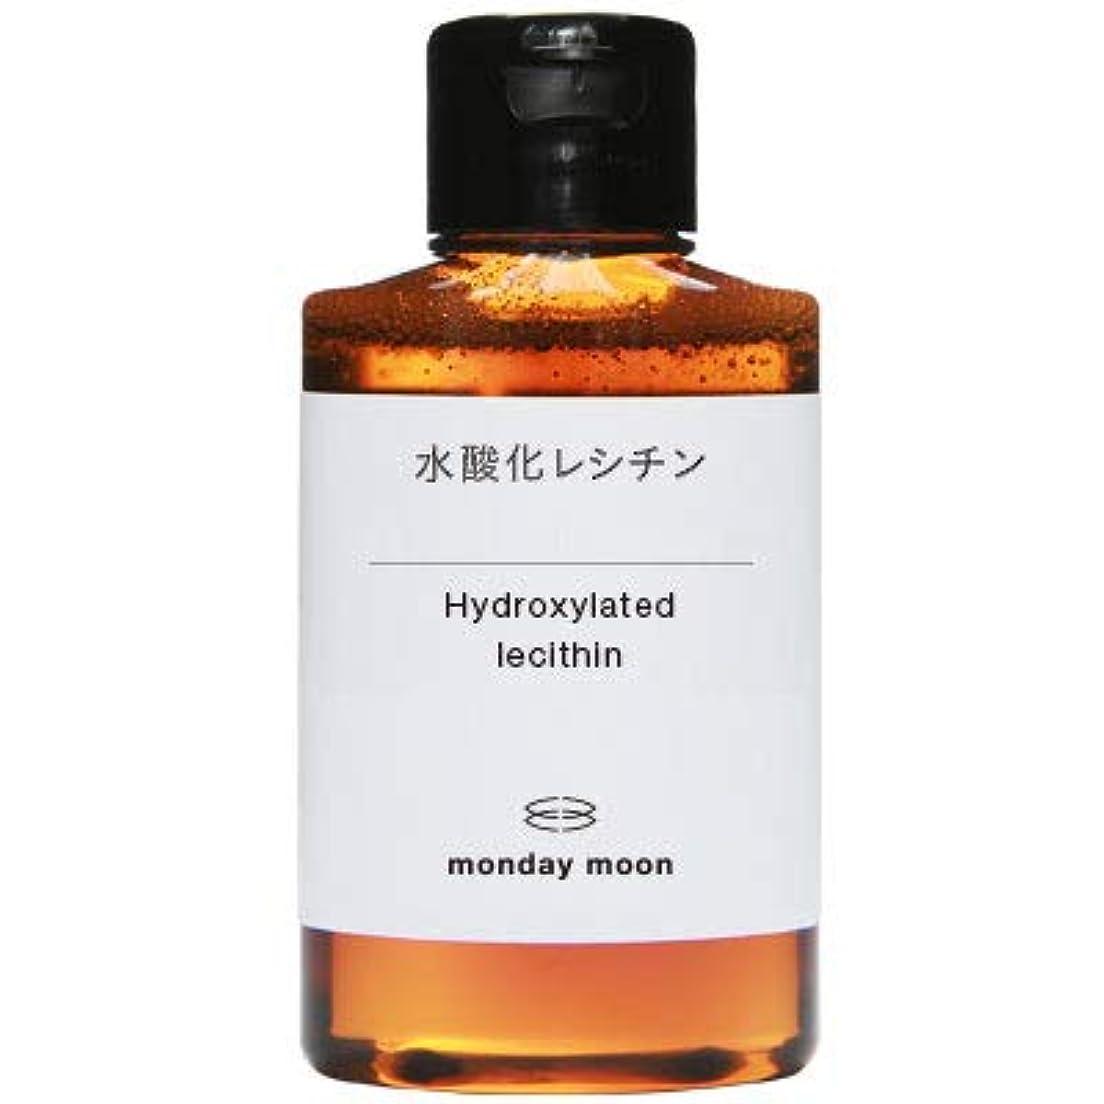 インド緊張する不幸水酸化レシチン/50ml[メール便対応ボトル]